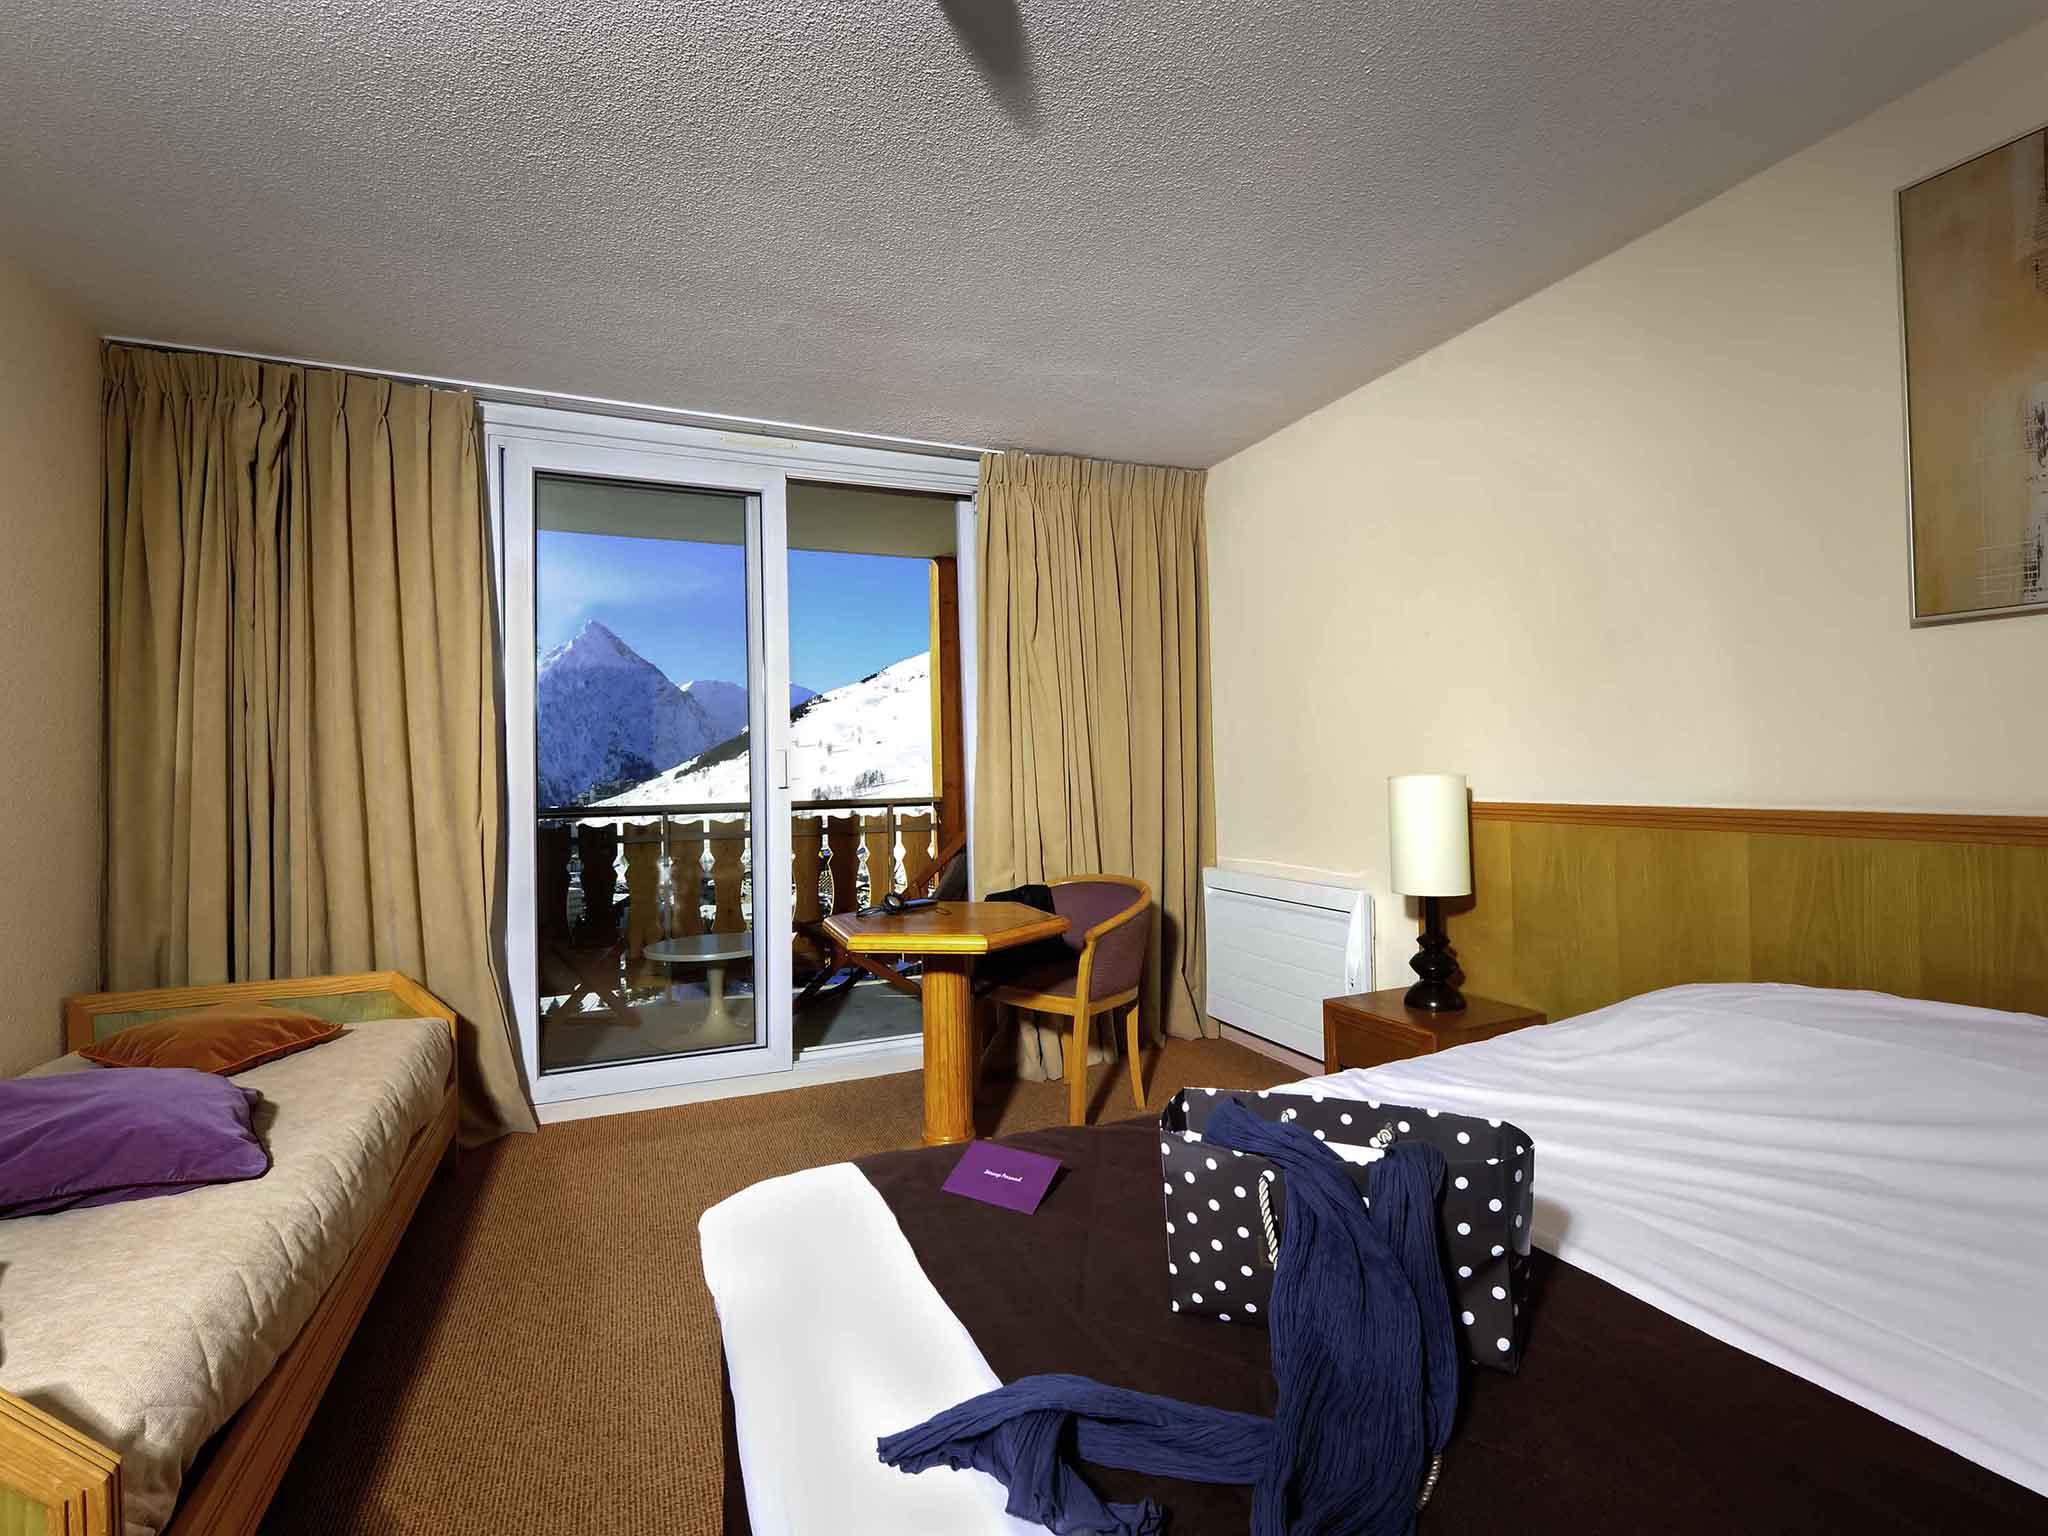 H tel dans les alpes mercure les deux alpes 1800 - Separer une chambre en deux avec une seule fenetre ...